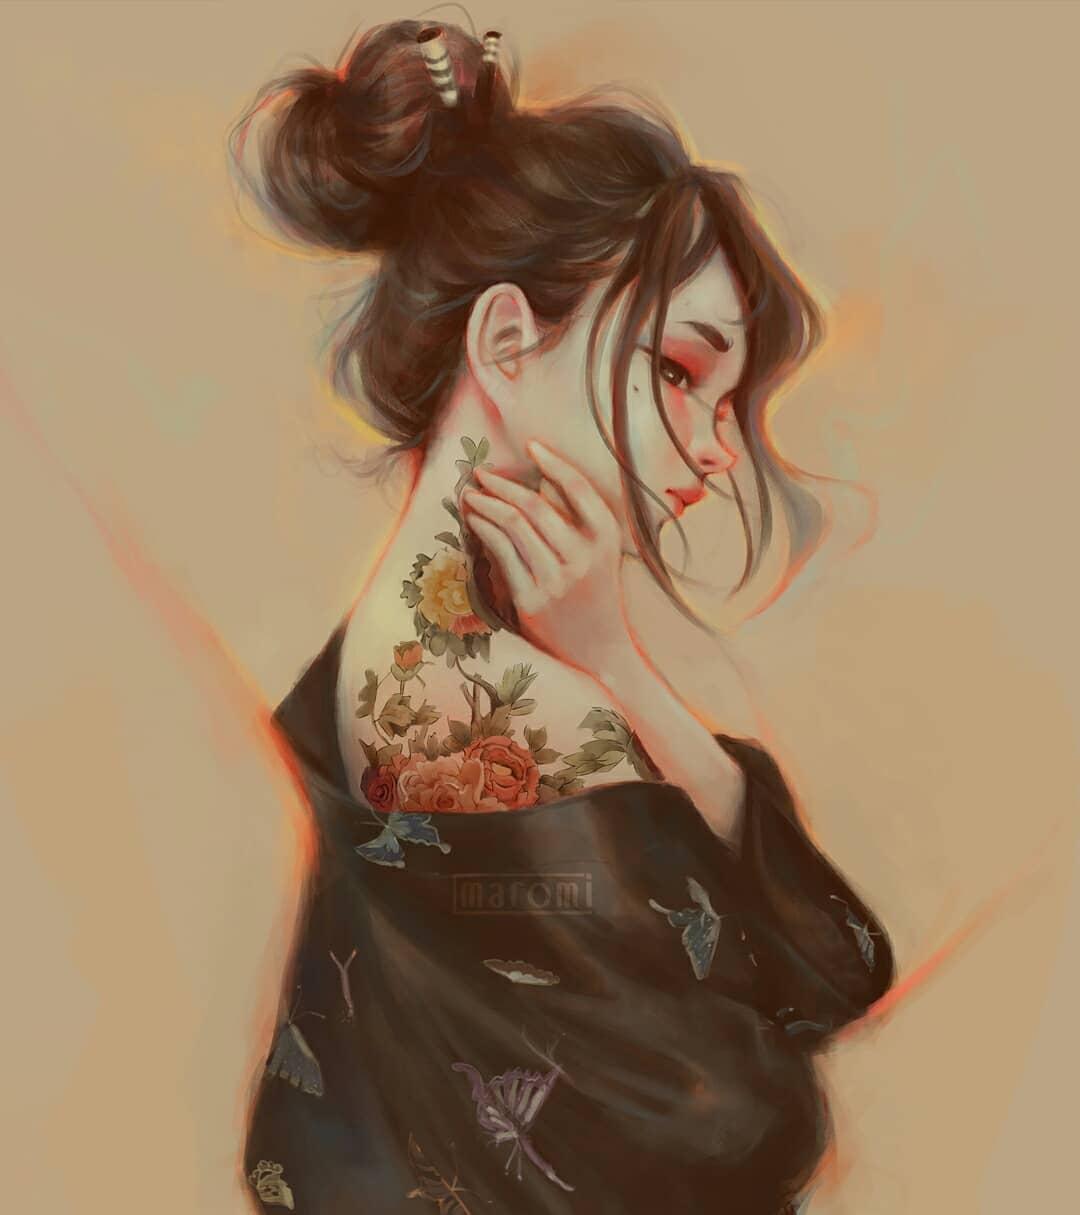 maromi saga ilustracion digital tattoo